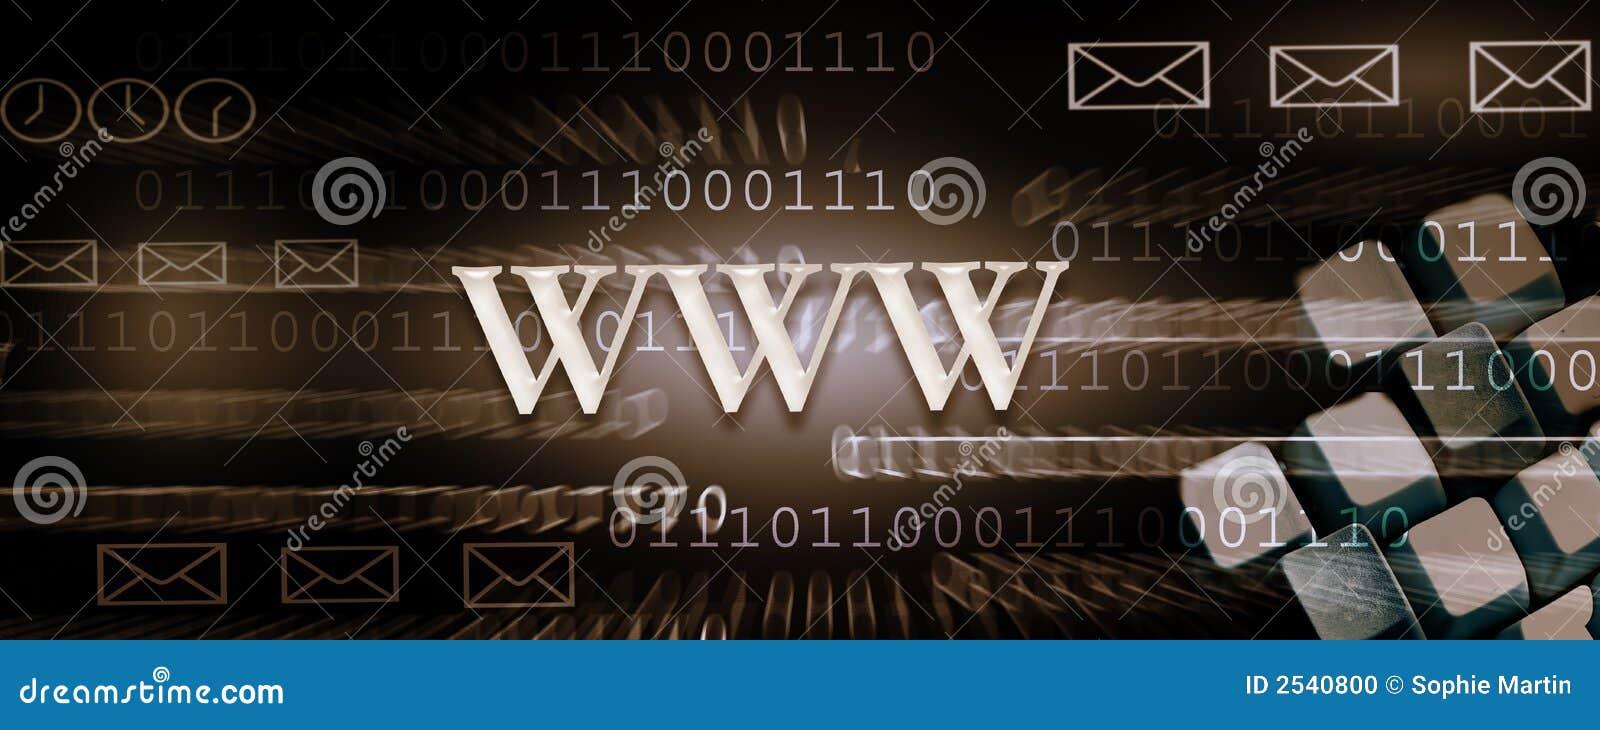 Internet-Vorsatz